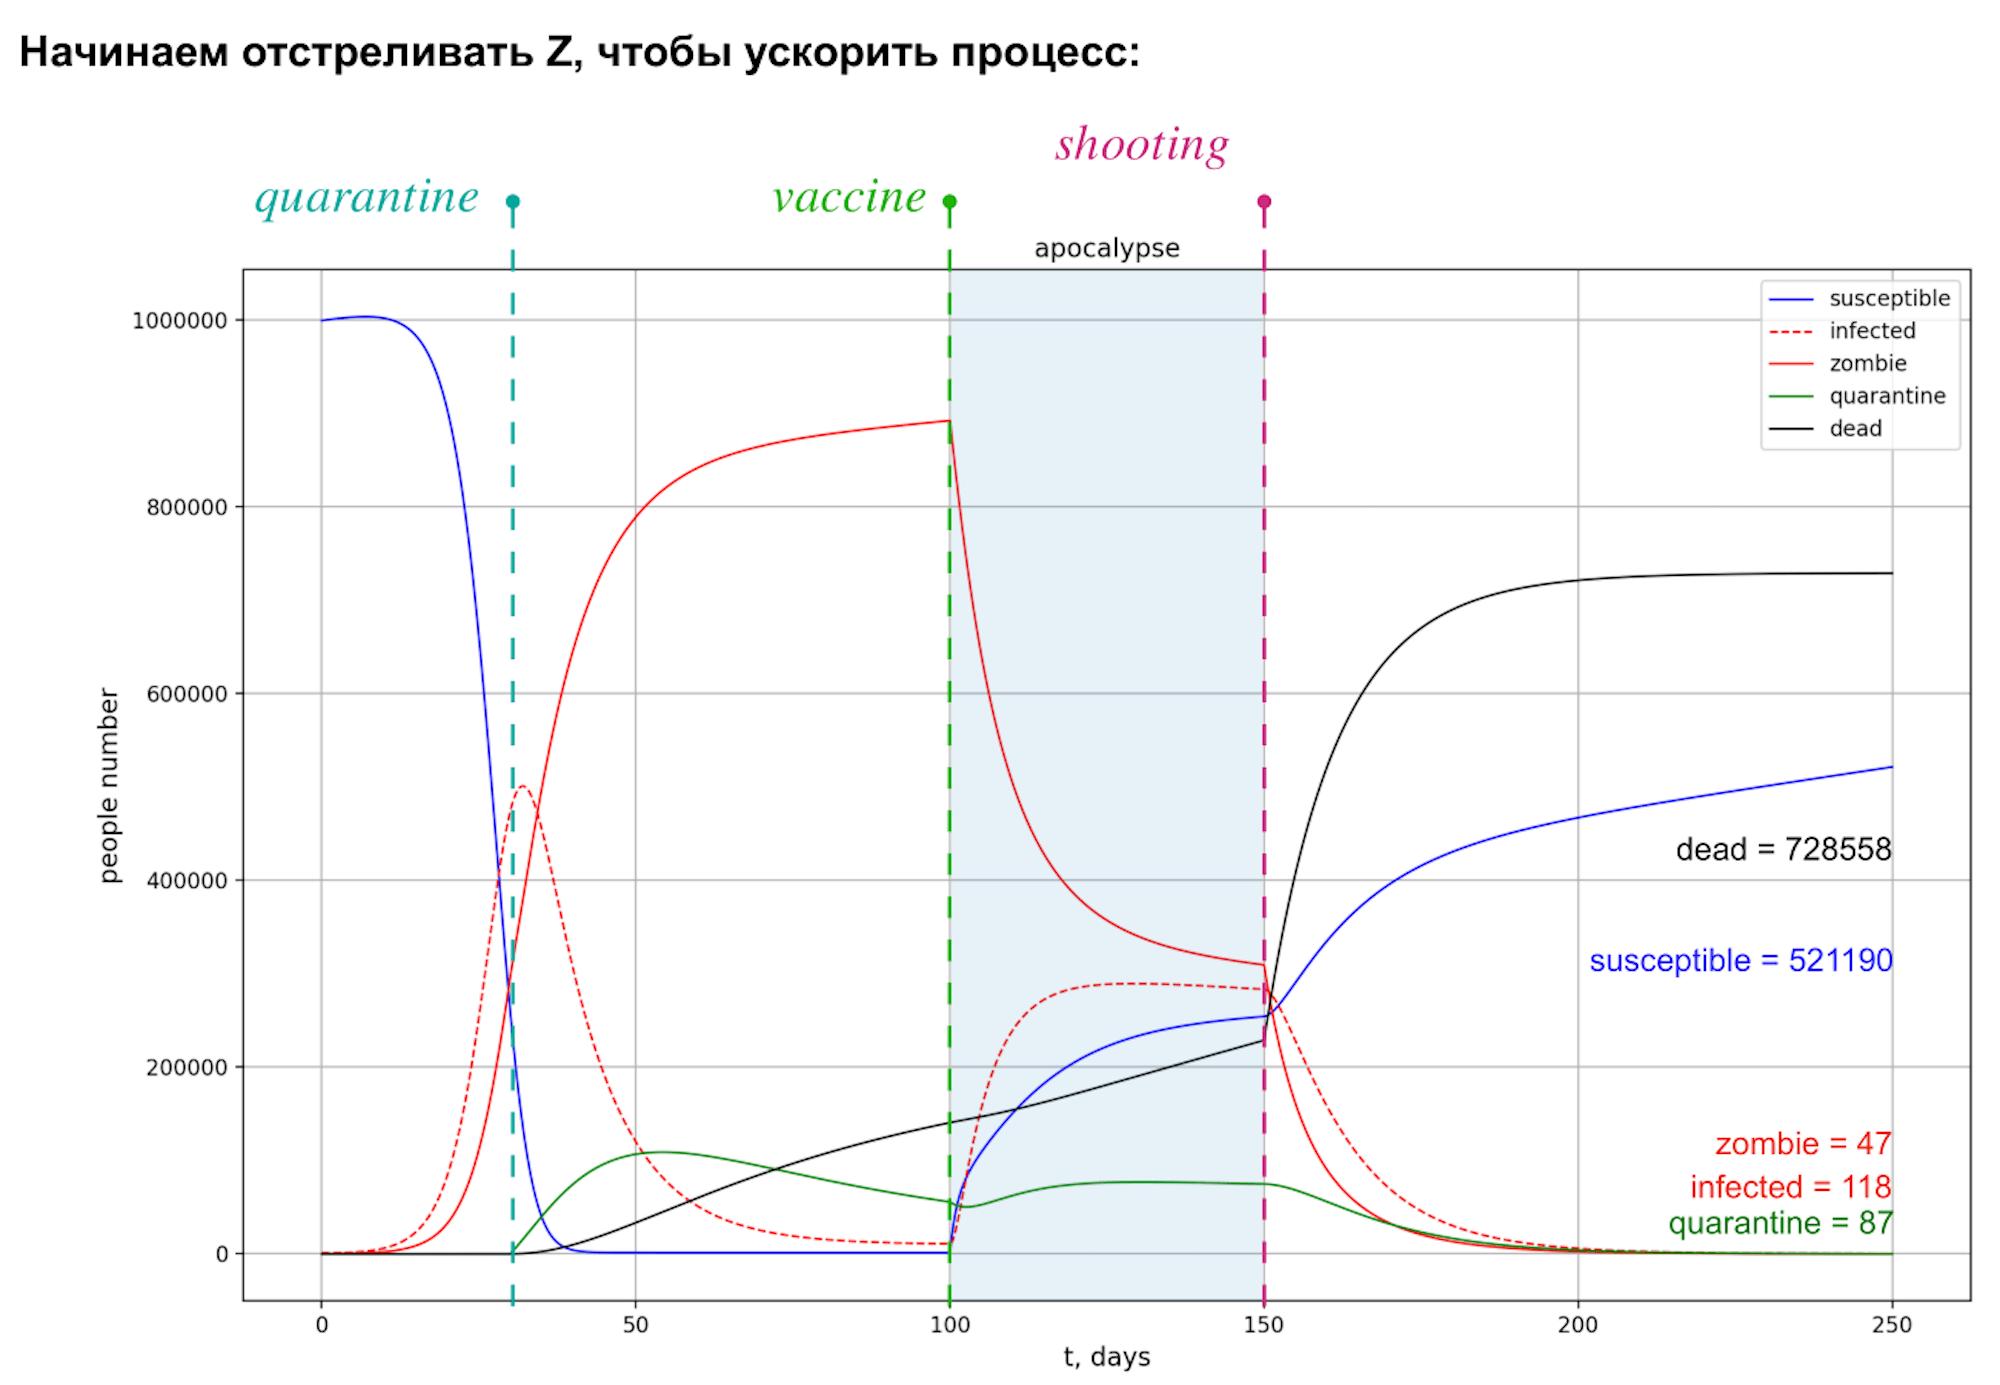 Личный опыт: как мы готовили курс по компьютерному моделированию в бакалавриате Нового физтеха - 4